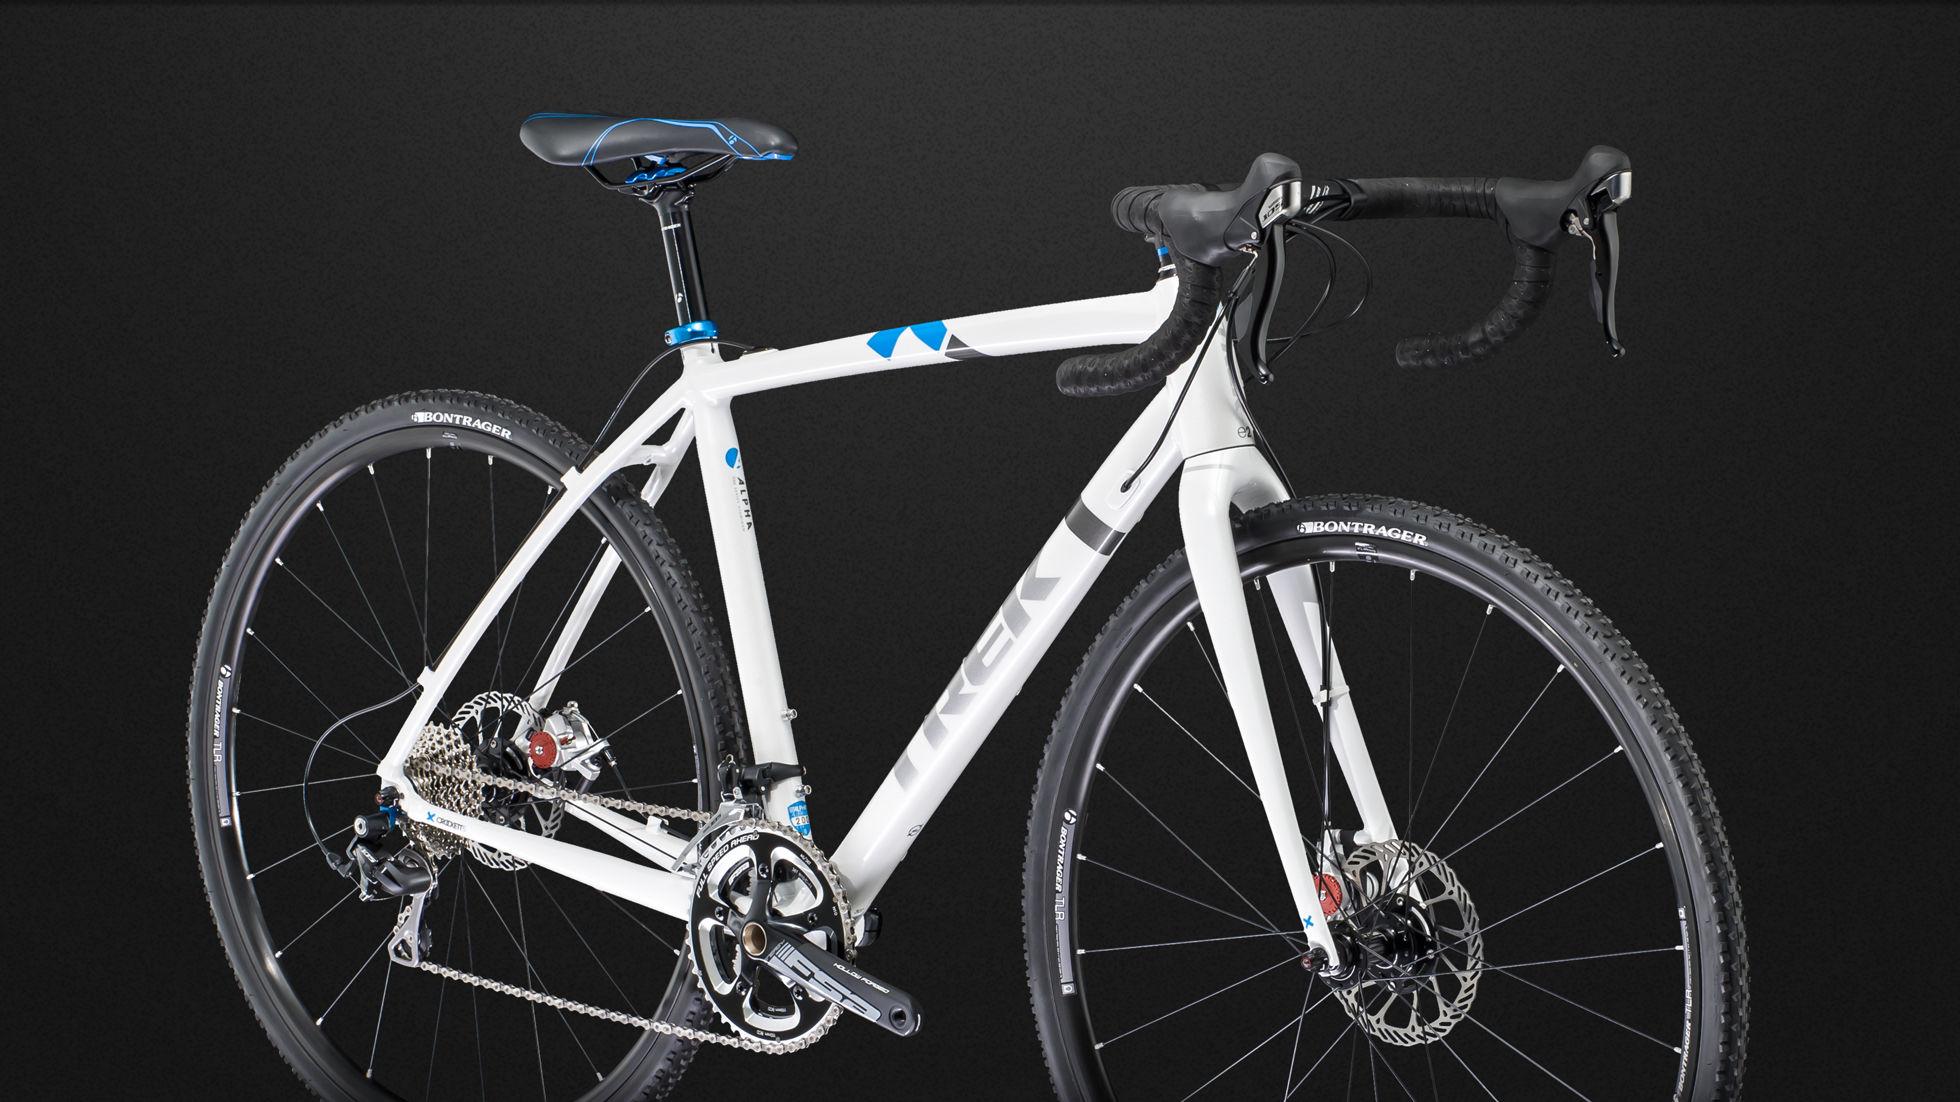 Crockett Trek Bicycle